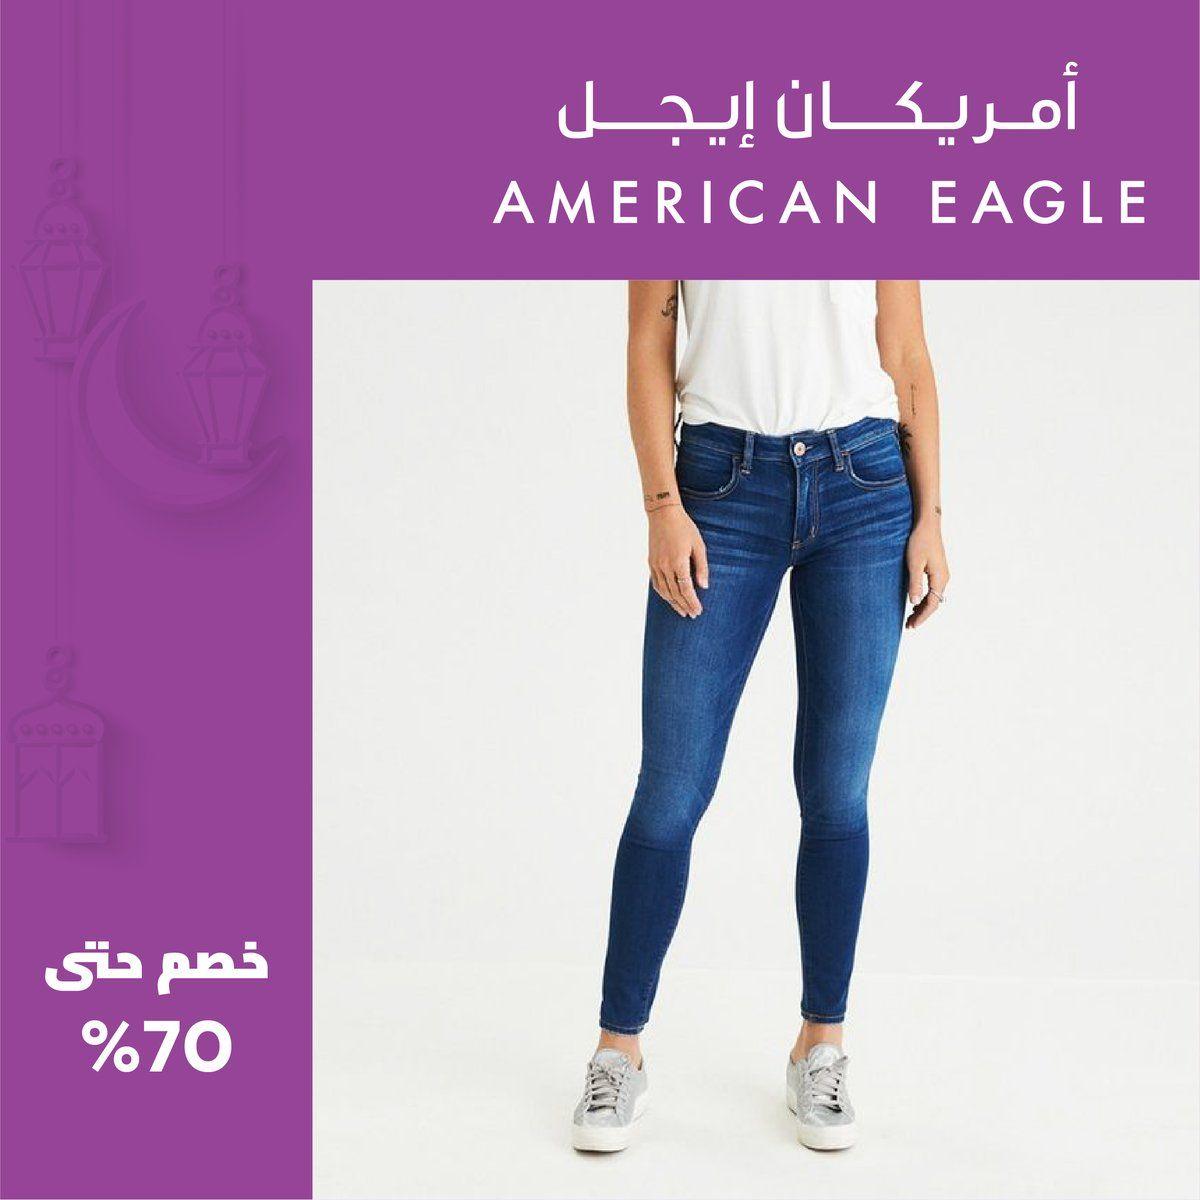 مرحبا بكم مع تخفيضات هدا الشهر و أكواد الخصم الحصرية كوبون خصم نسناس Bg6 كوبون خصم سيفي S9 كوبون خصم ممزورلد Hvr P Fashion Skinny Skinny Jeans